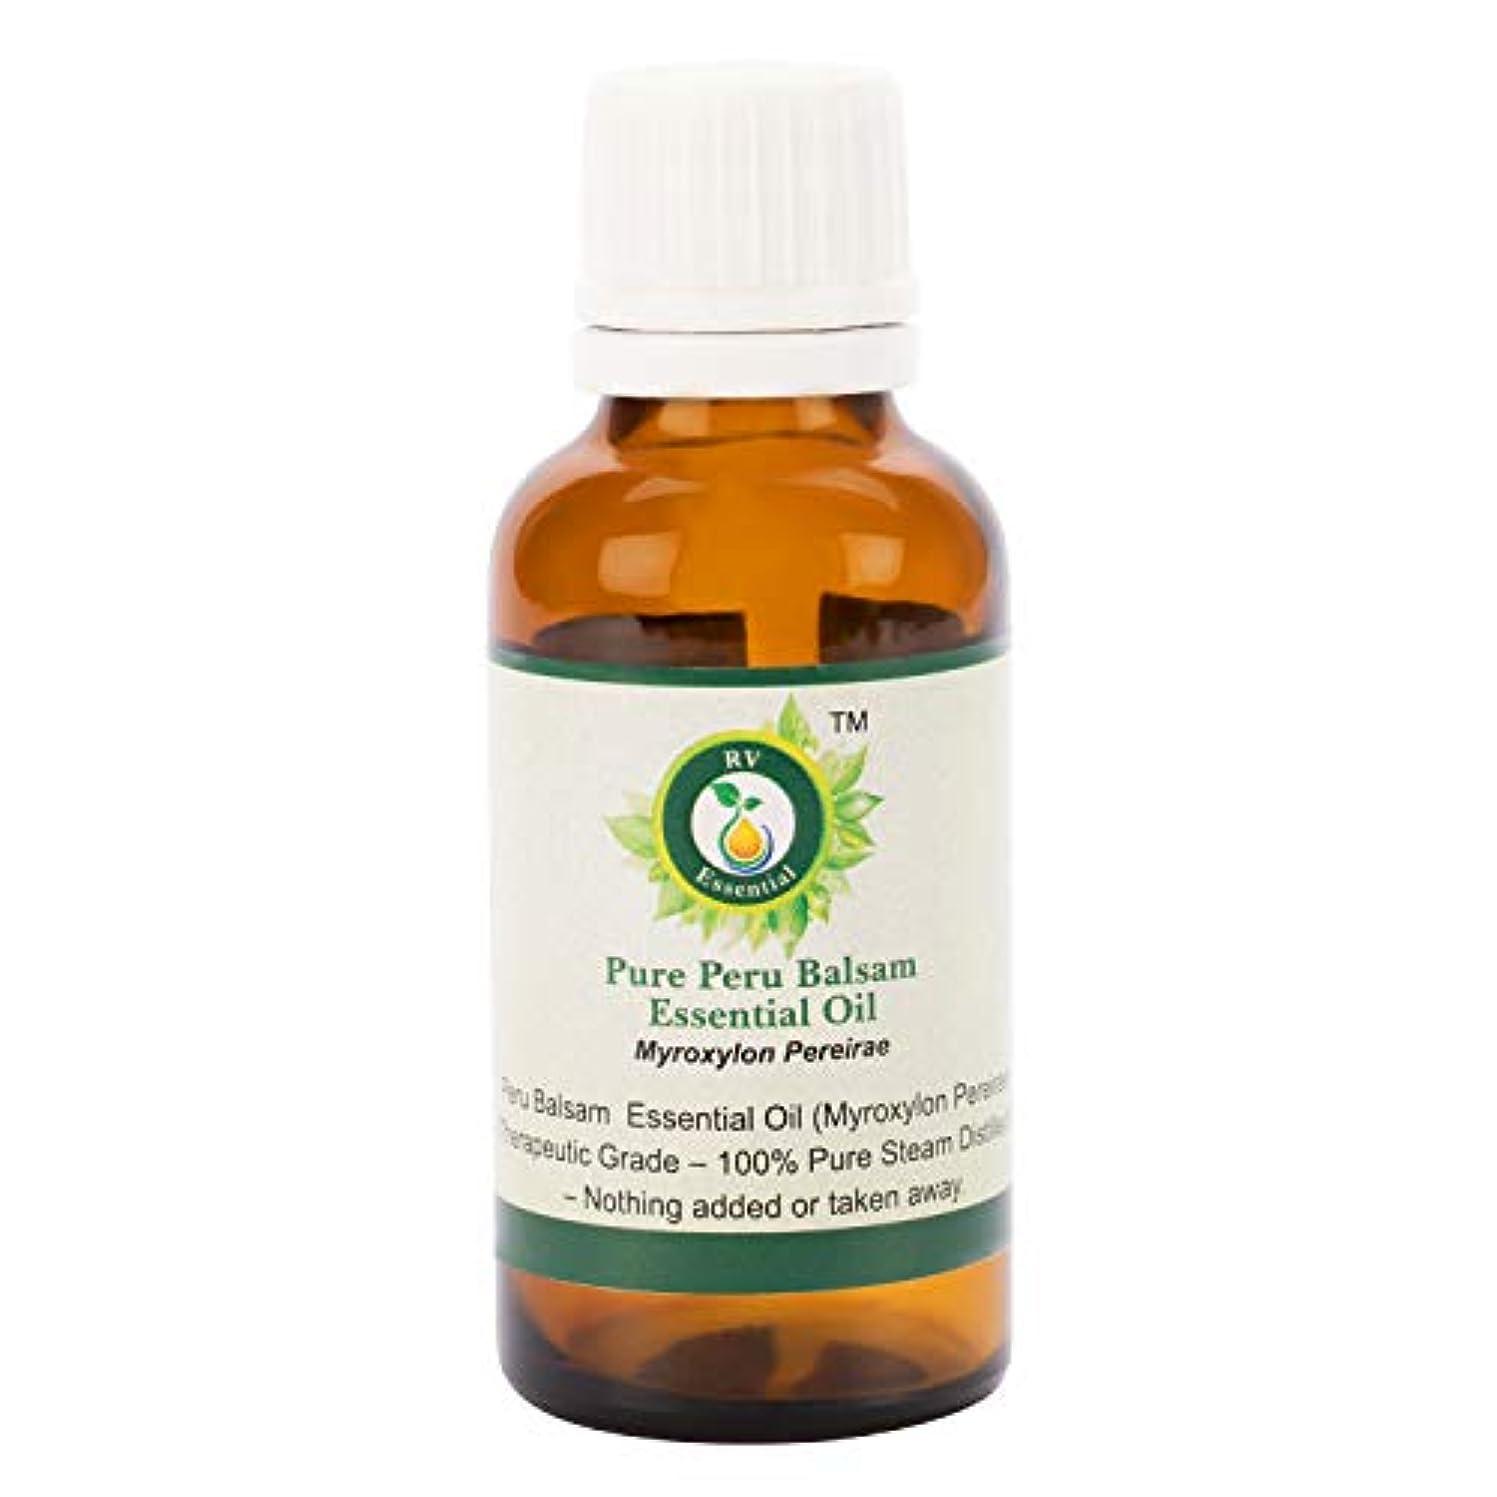 ブートの配列外側ピュアペルーバルサム?エッセンシャルオイル630ml (21oz)- Myroxylon Pereirae (100%純粋&天然スチームDistilled) Pure Peru Balsam Essential Oil